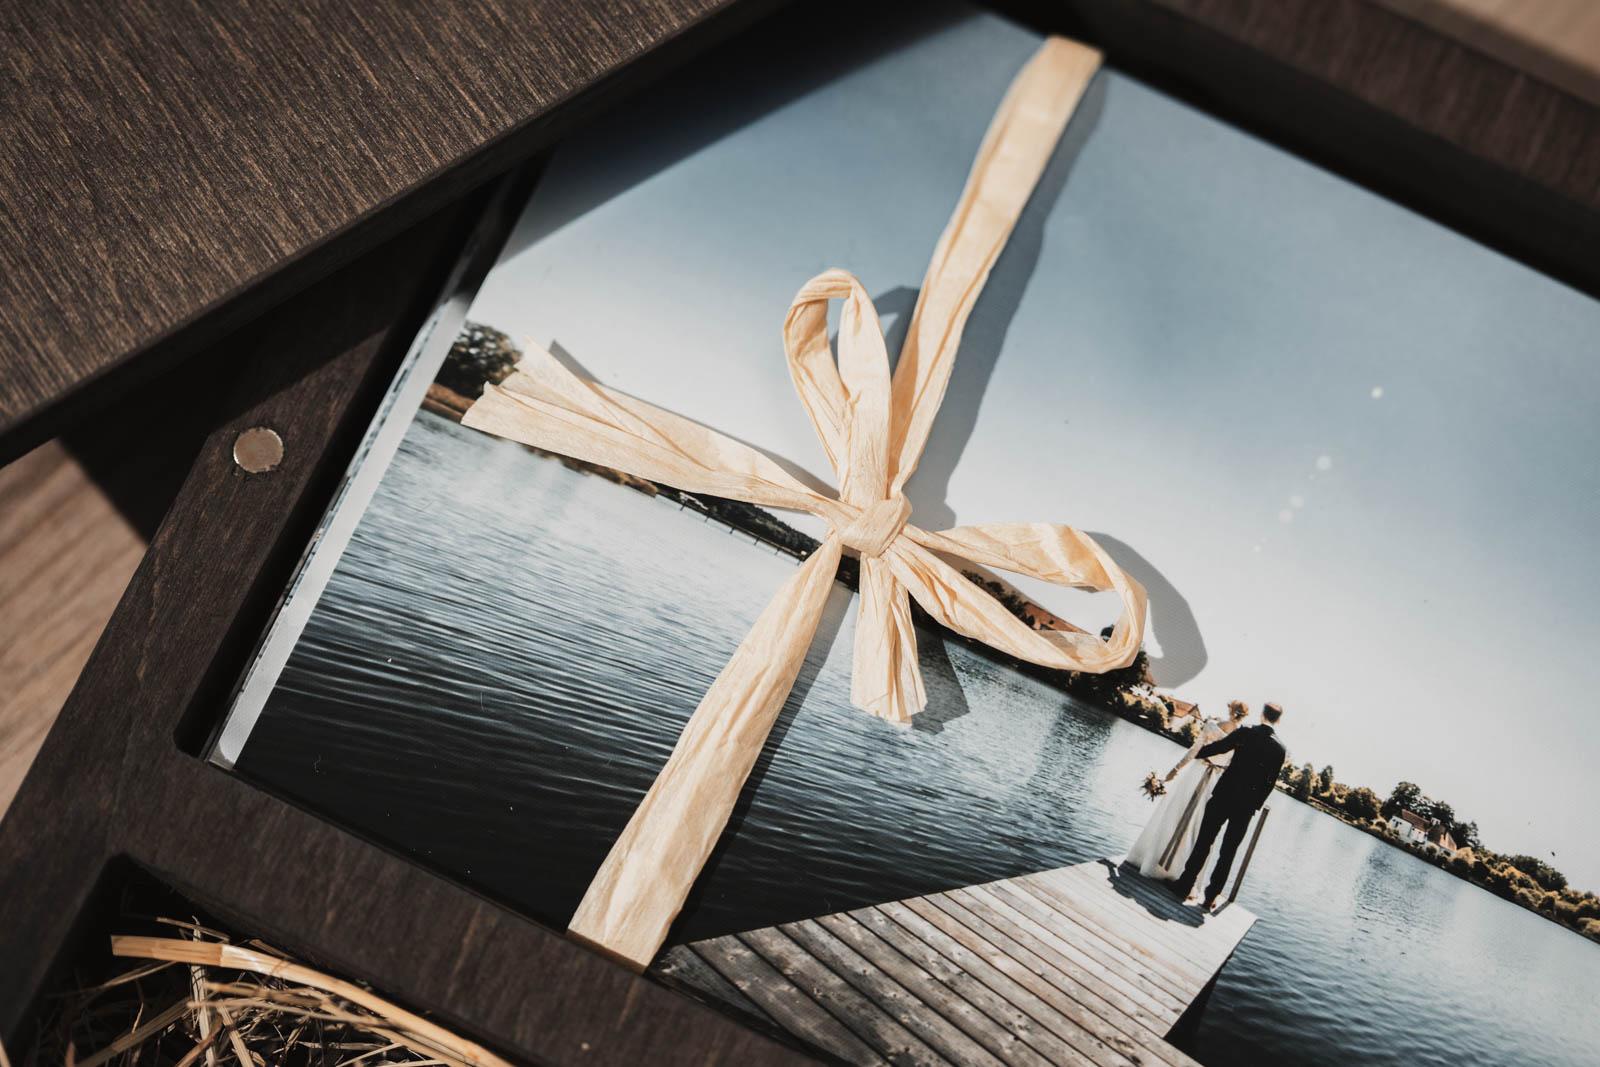 Holzbox-mit-USB-Stick-Hochzeitsfotograf-München-03